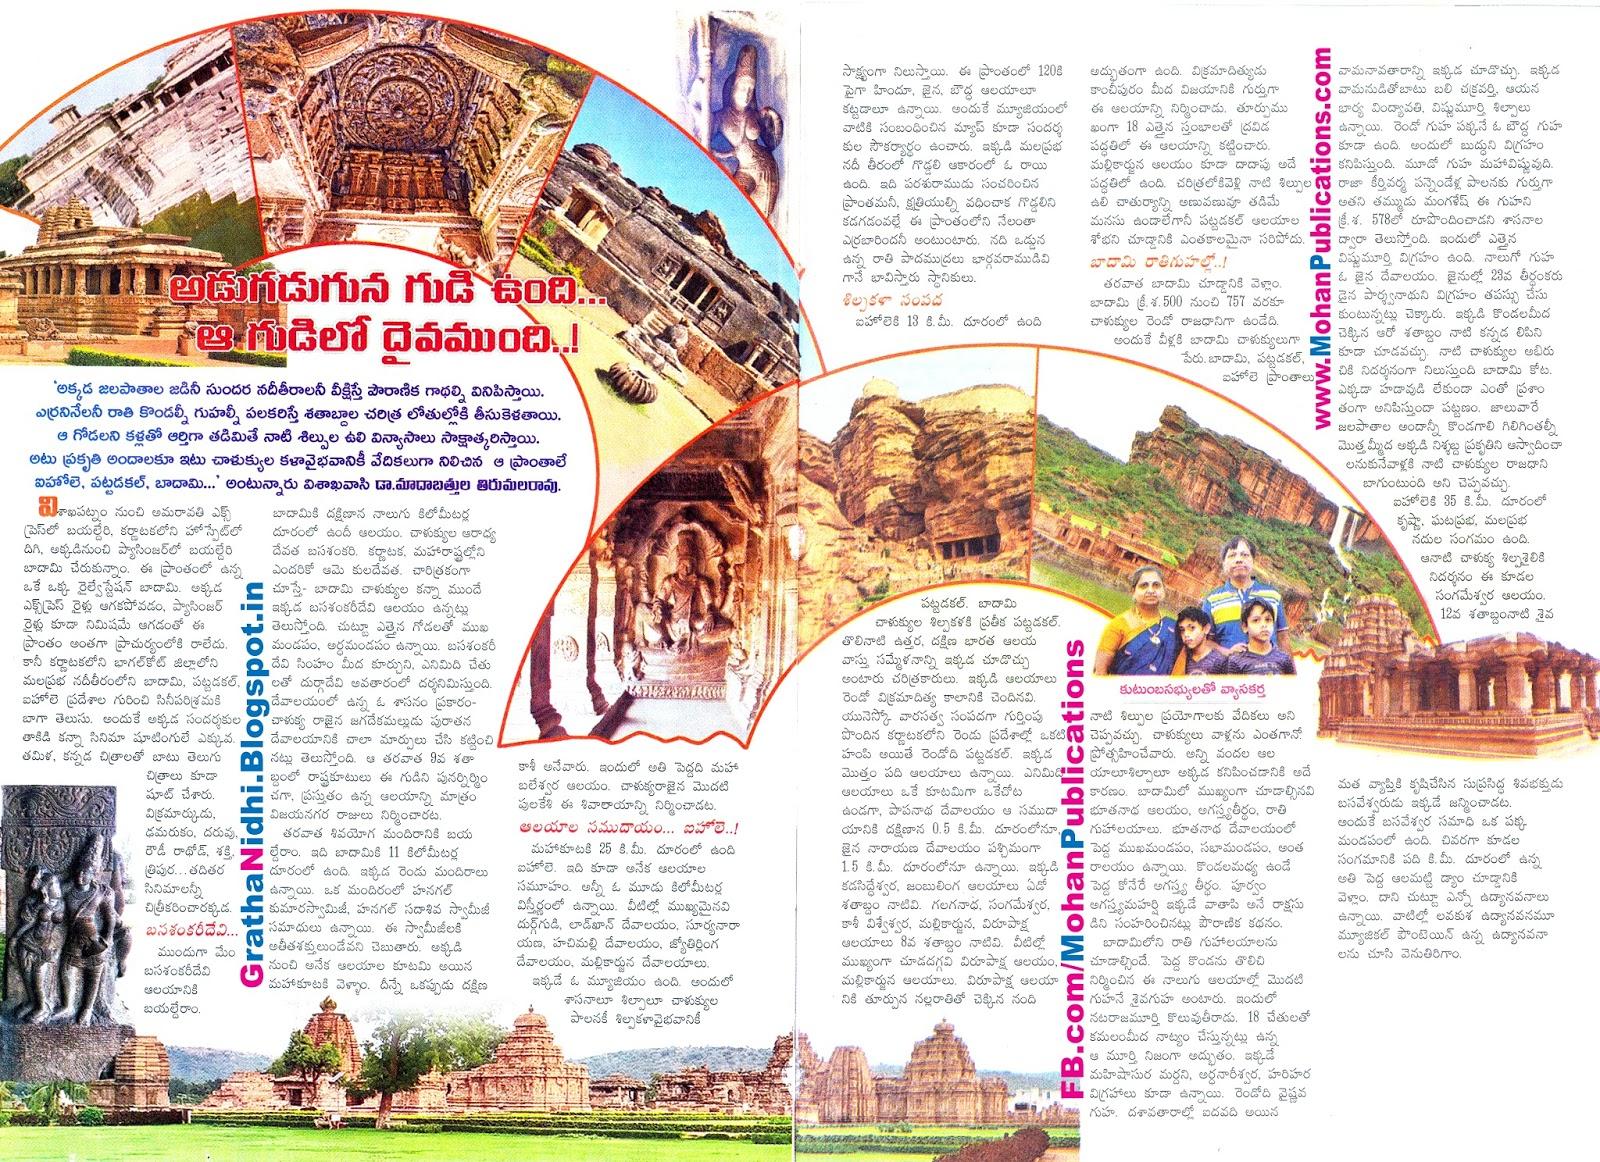 బాదామి ఐహొలె పట్టడకల్ Badami Aihole Pattadakal badami caves chalukya dynasty aihole temple pattadakal temples Eenadu Evaram Eenadu Sunday Eenadu Sunday Magazine bhakthi pustakalu bhakti pustakalu bhakthipustakalu bhaktipustakalu